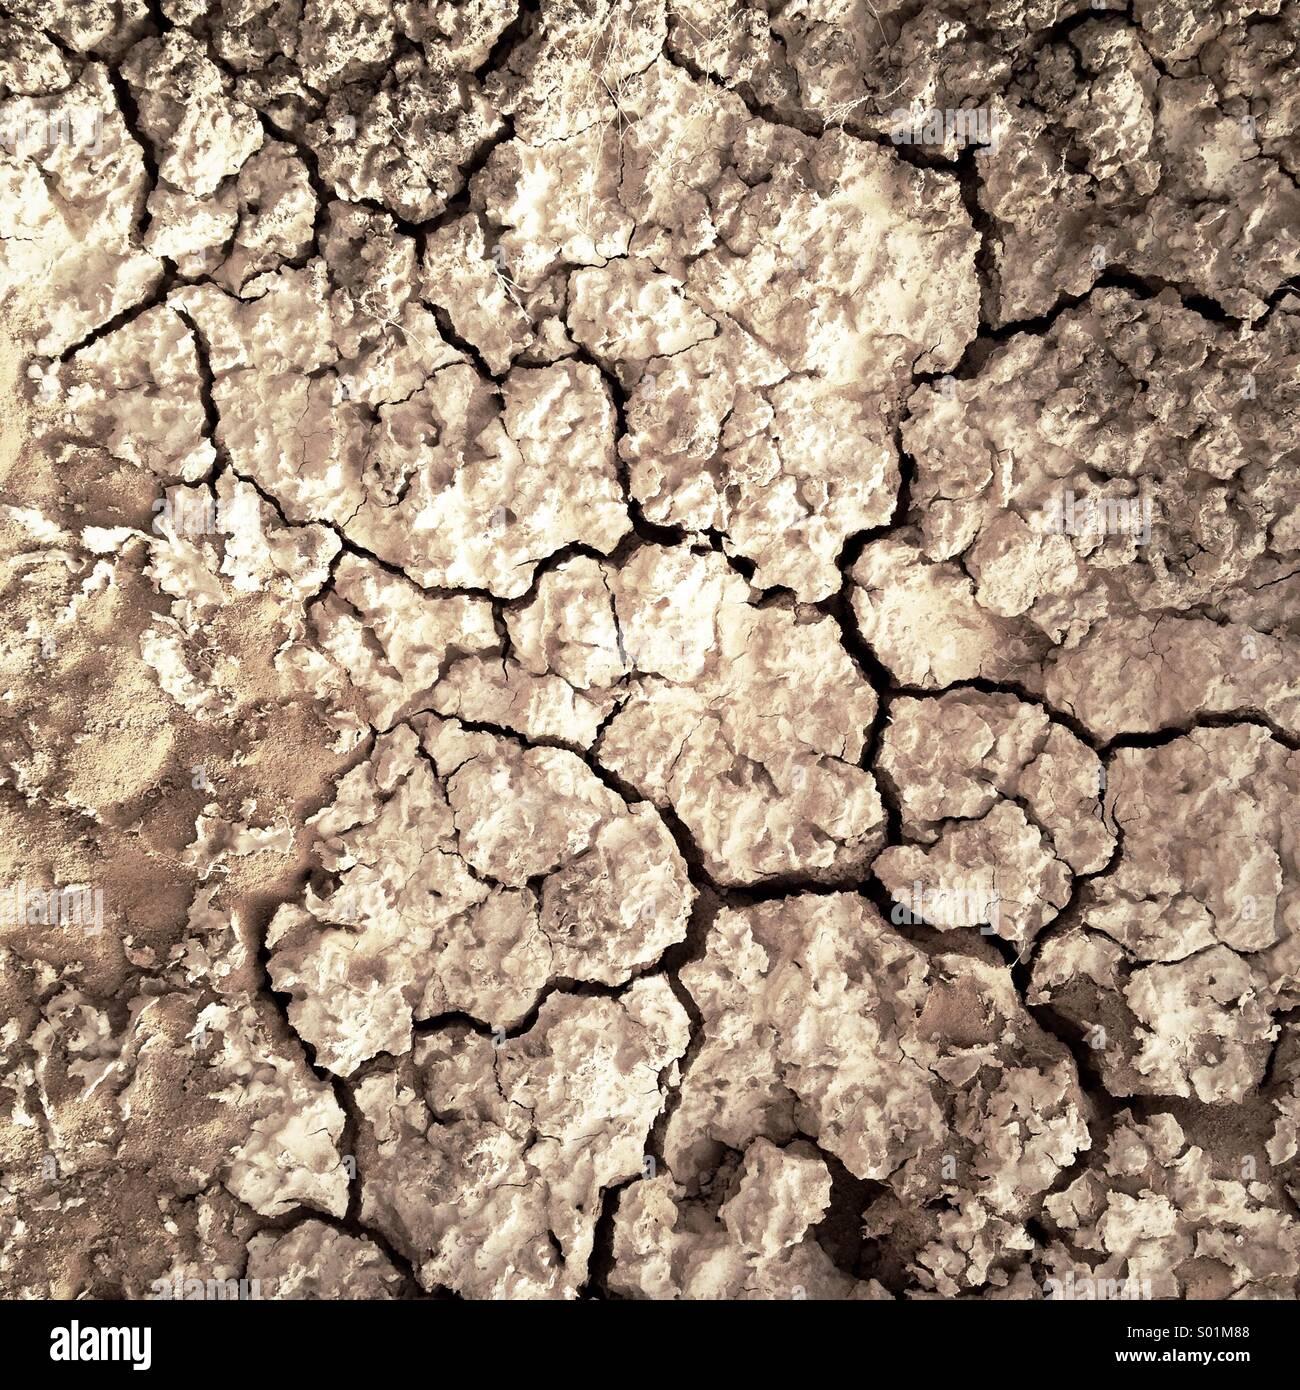 Dry cracked soil - Stock Image